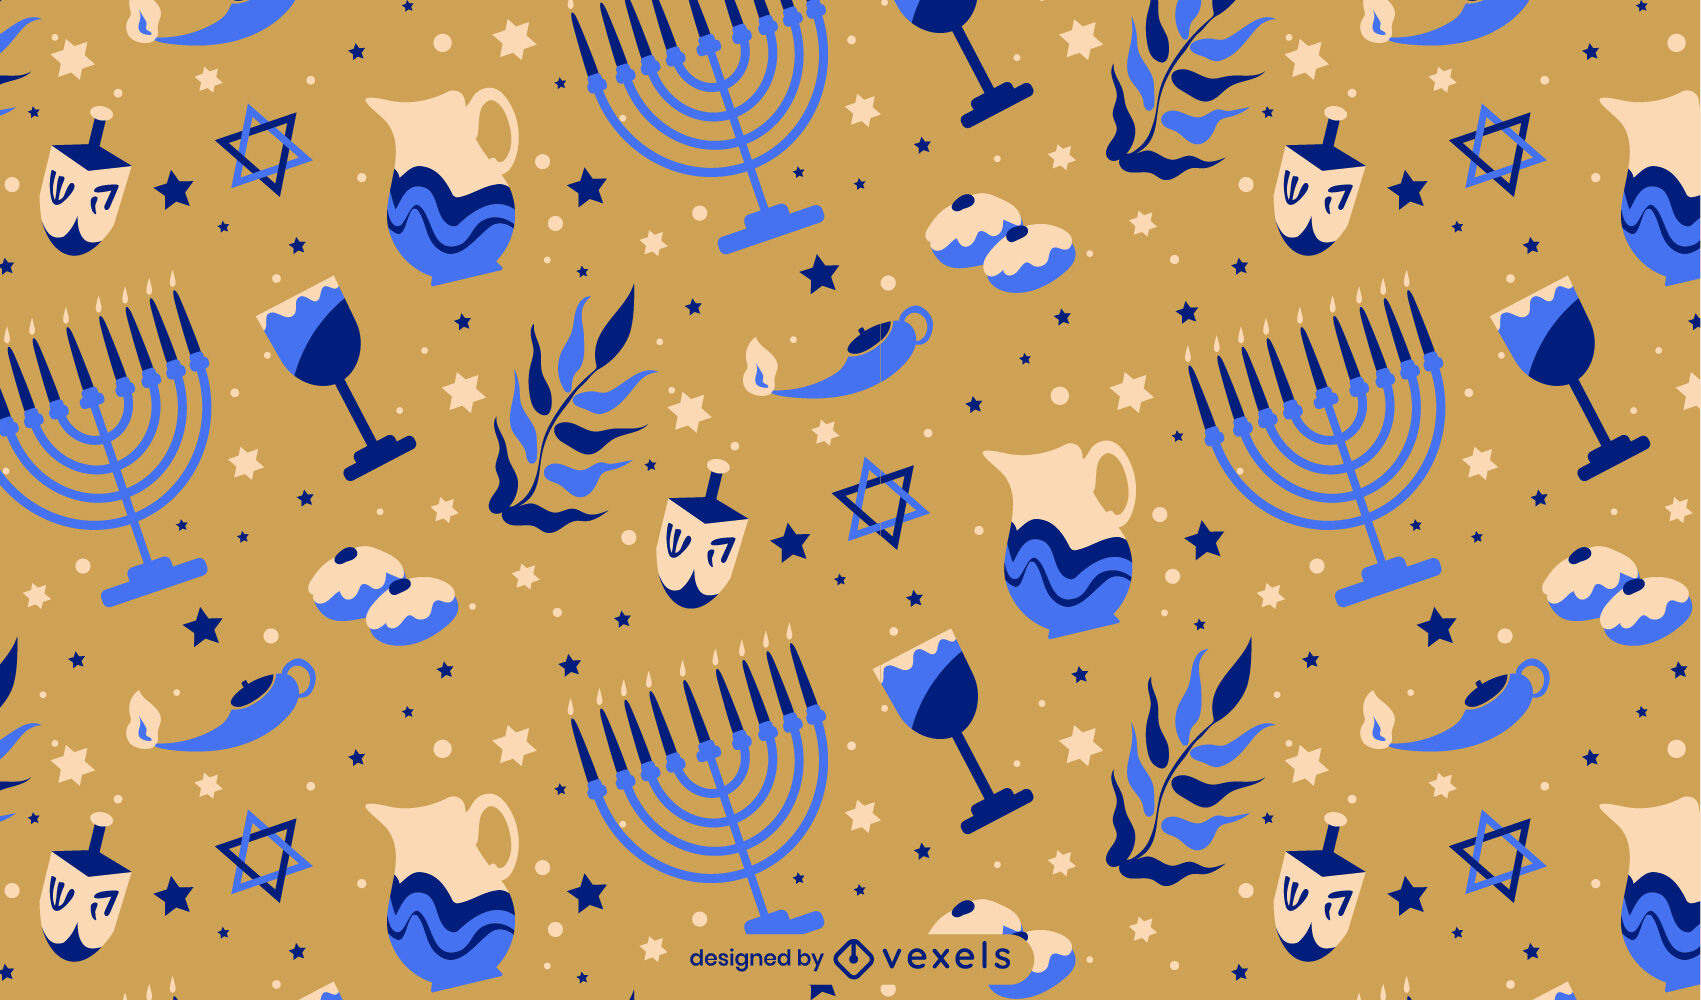 Hanukkah elements flat pattern